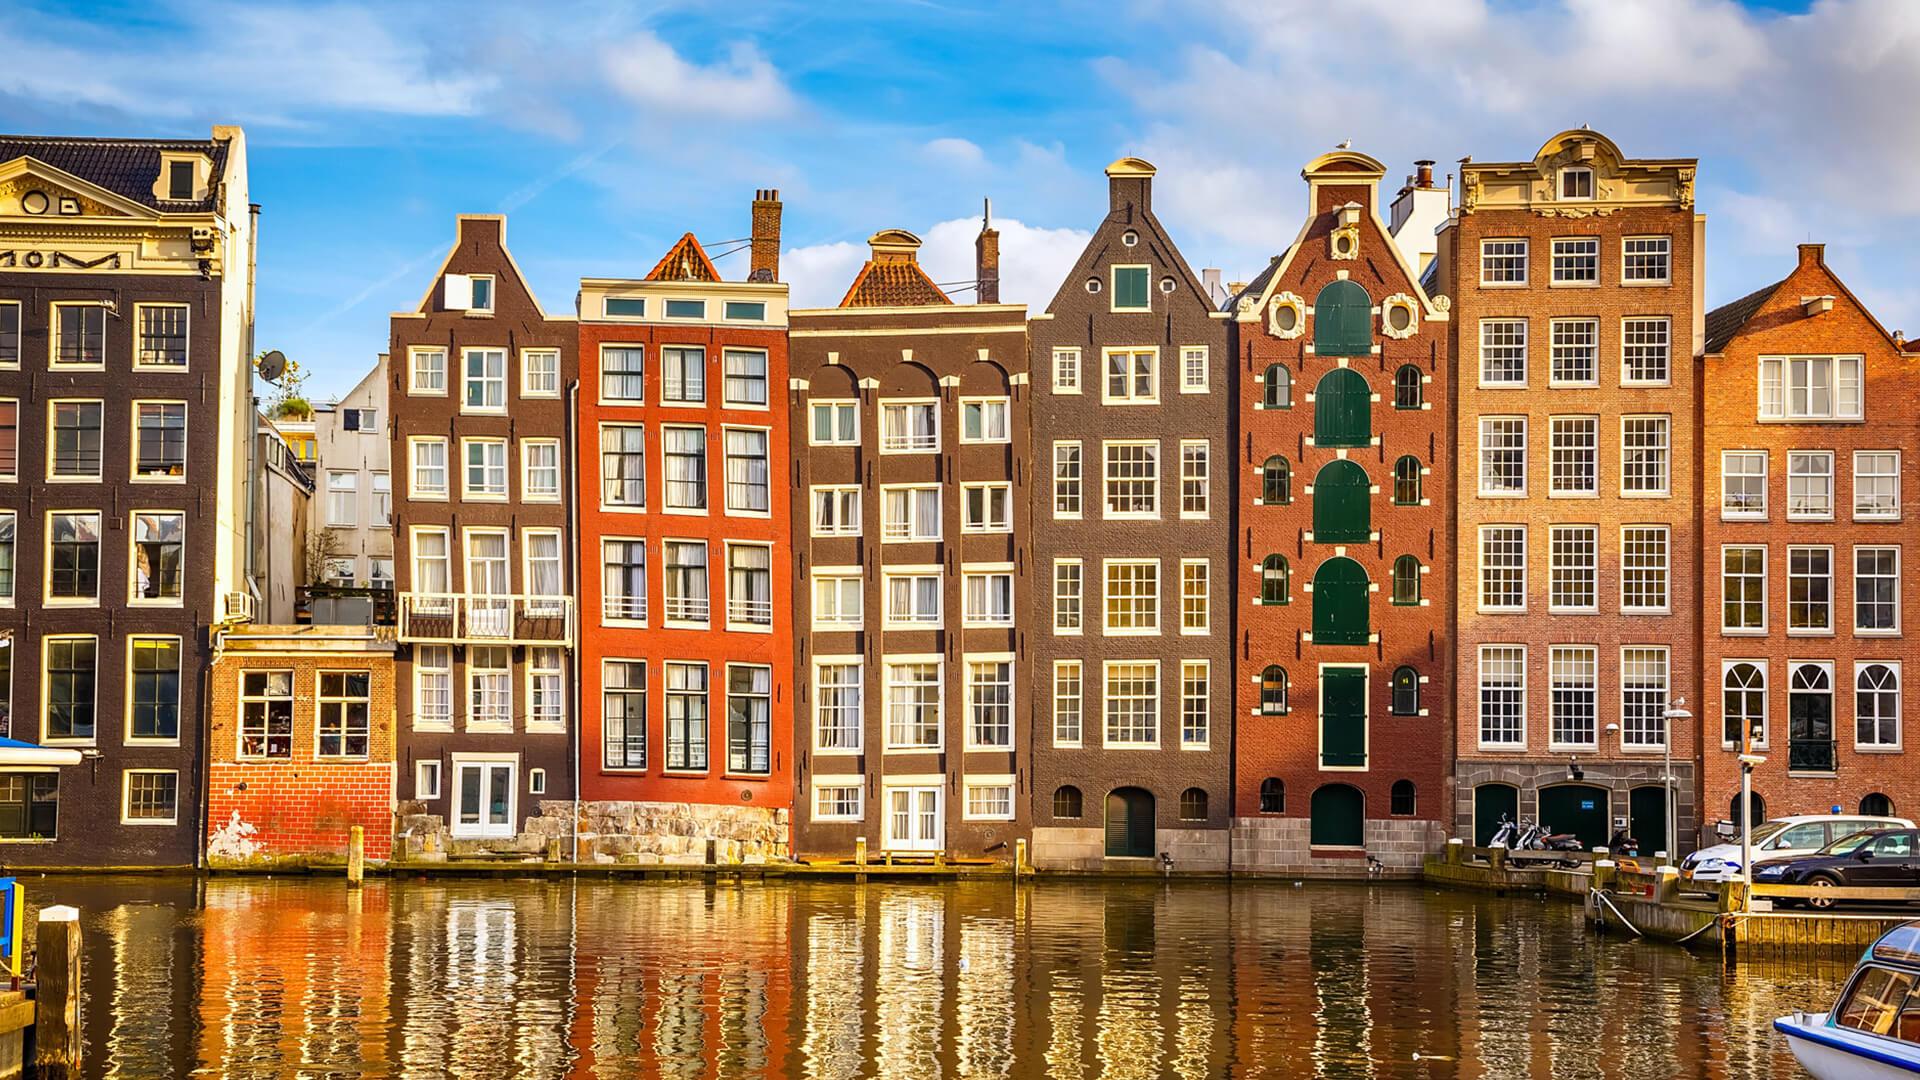 Altijd al in Amsterdam willen wonen maar geen succes met het vinden van de juiste woonruimte??